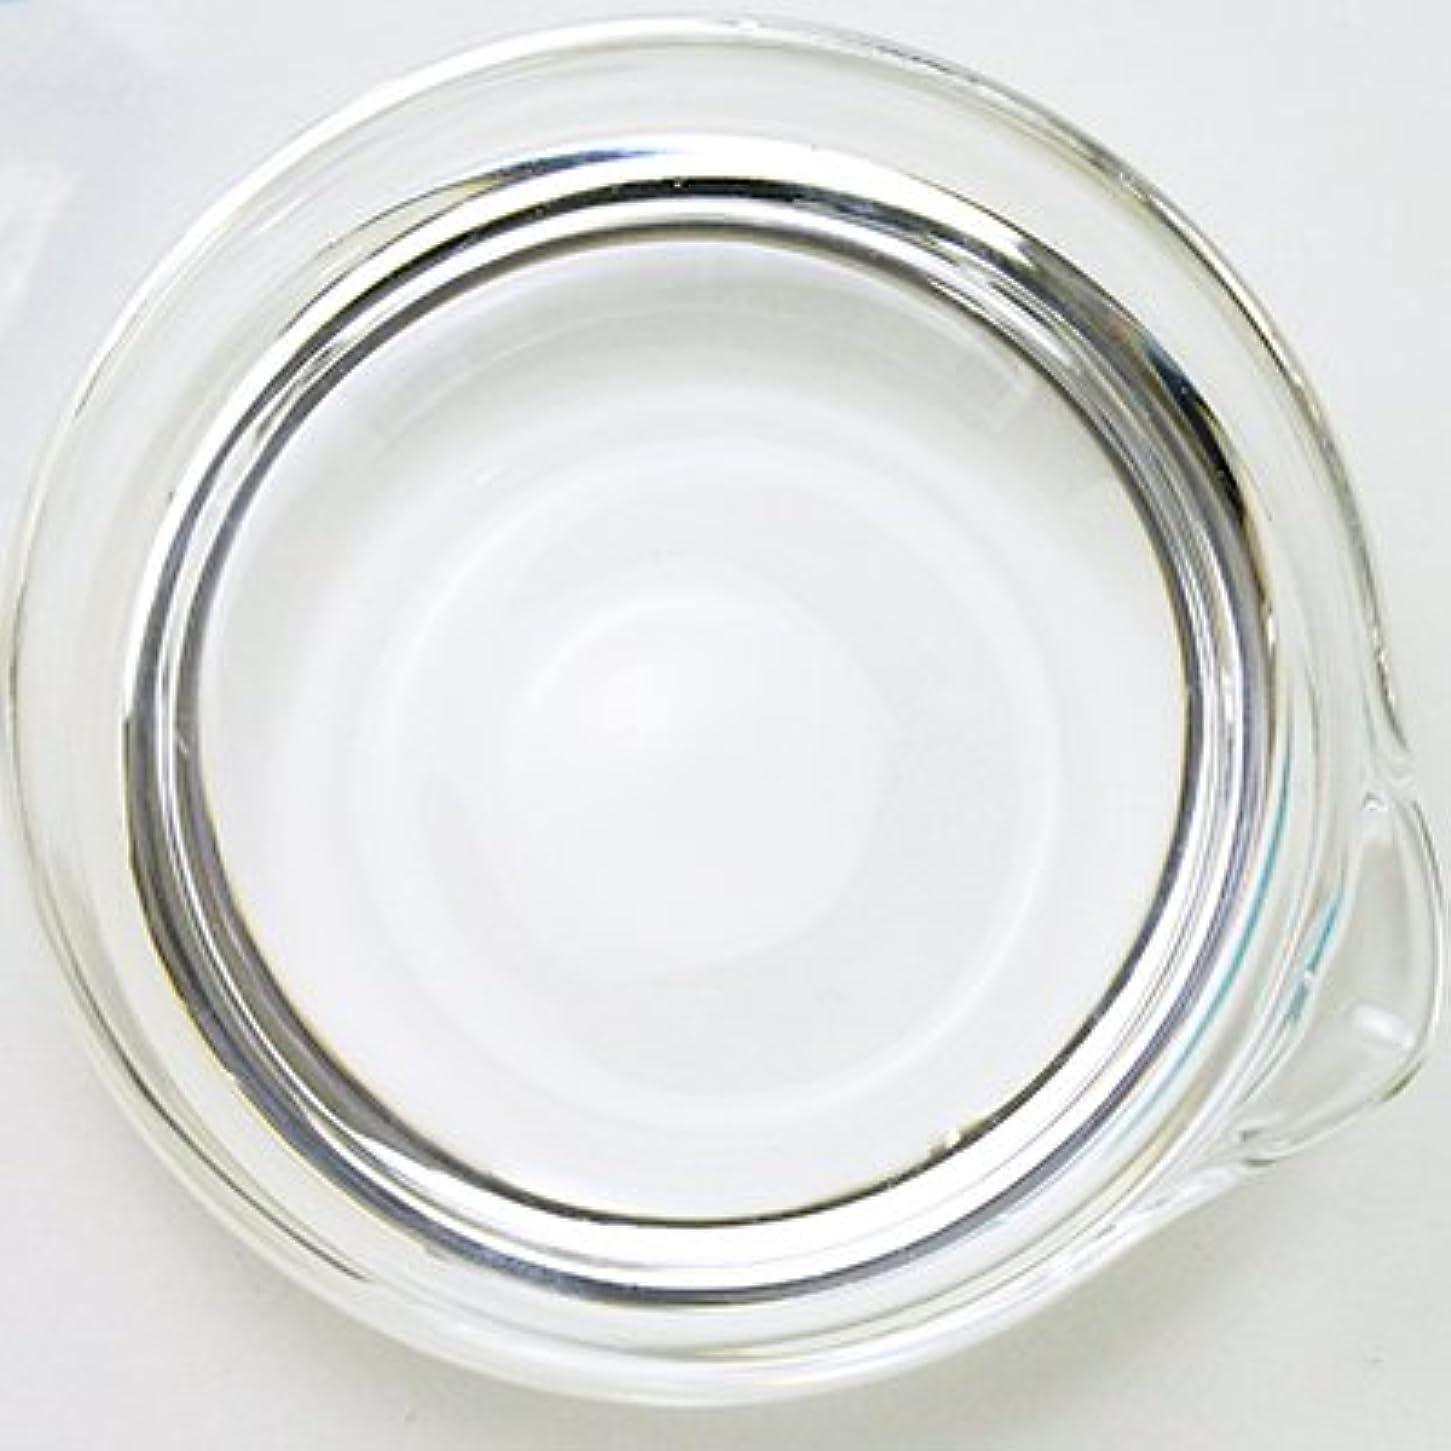 ネックレット涙花に水をやるホワイトオリーブオイル [吸着精製オリーブオイル] 1L 【手作り石鹸/手作りコスメ/ピュアオリーブオイル】